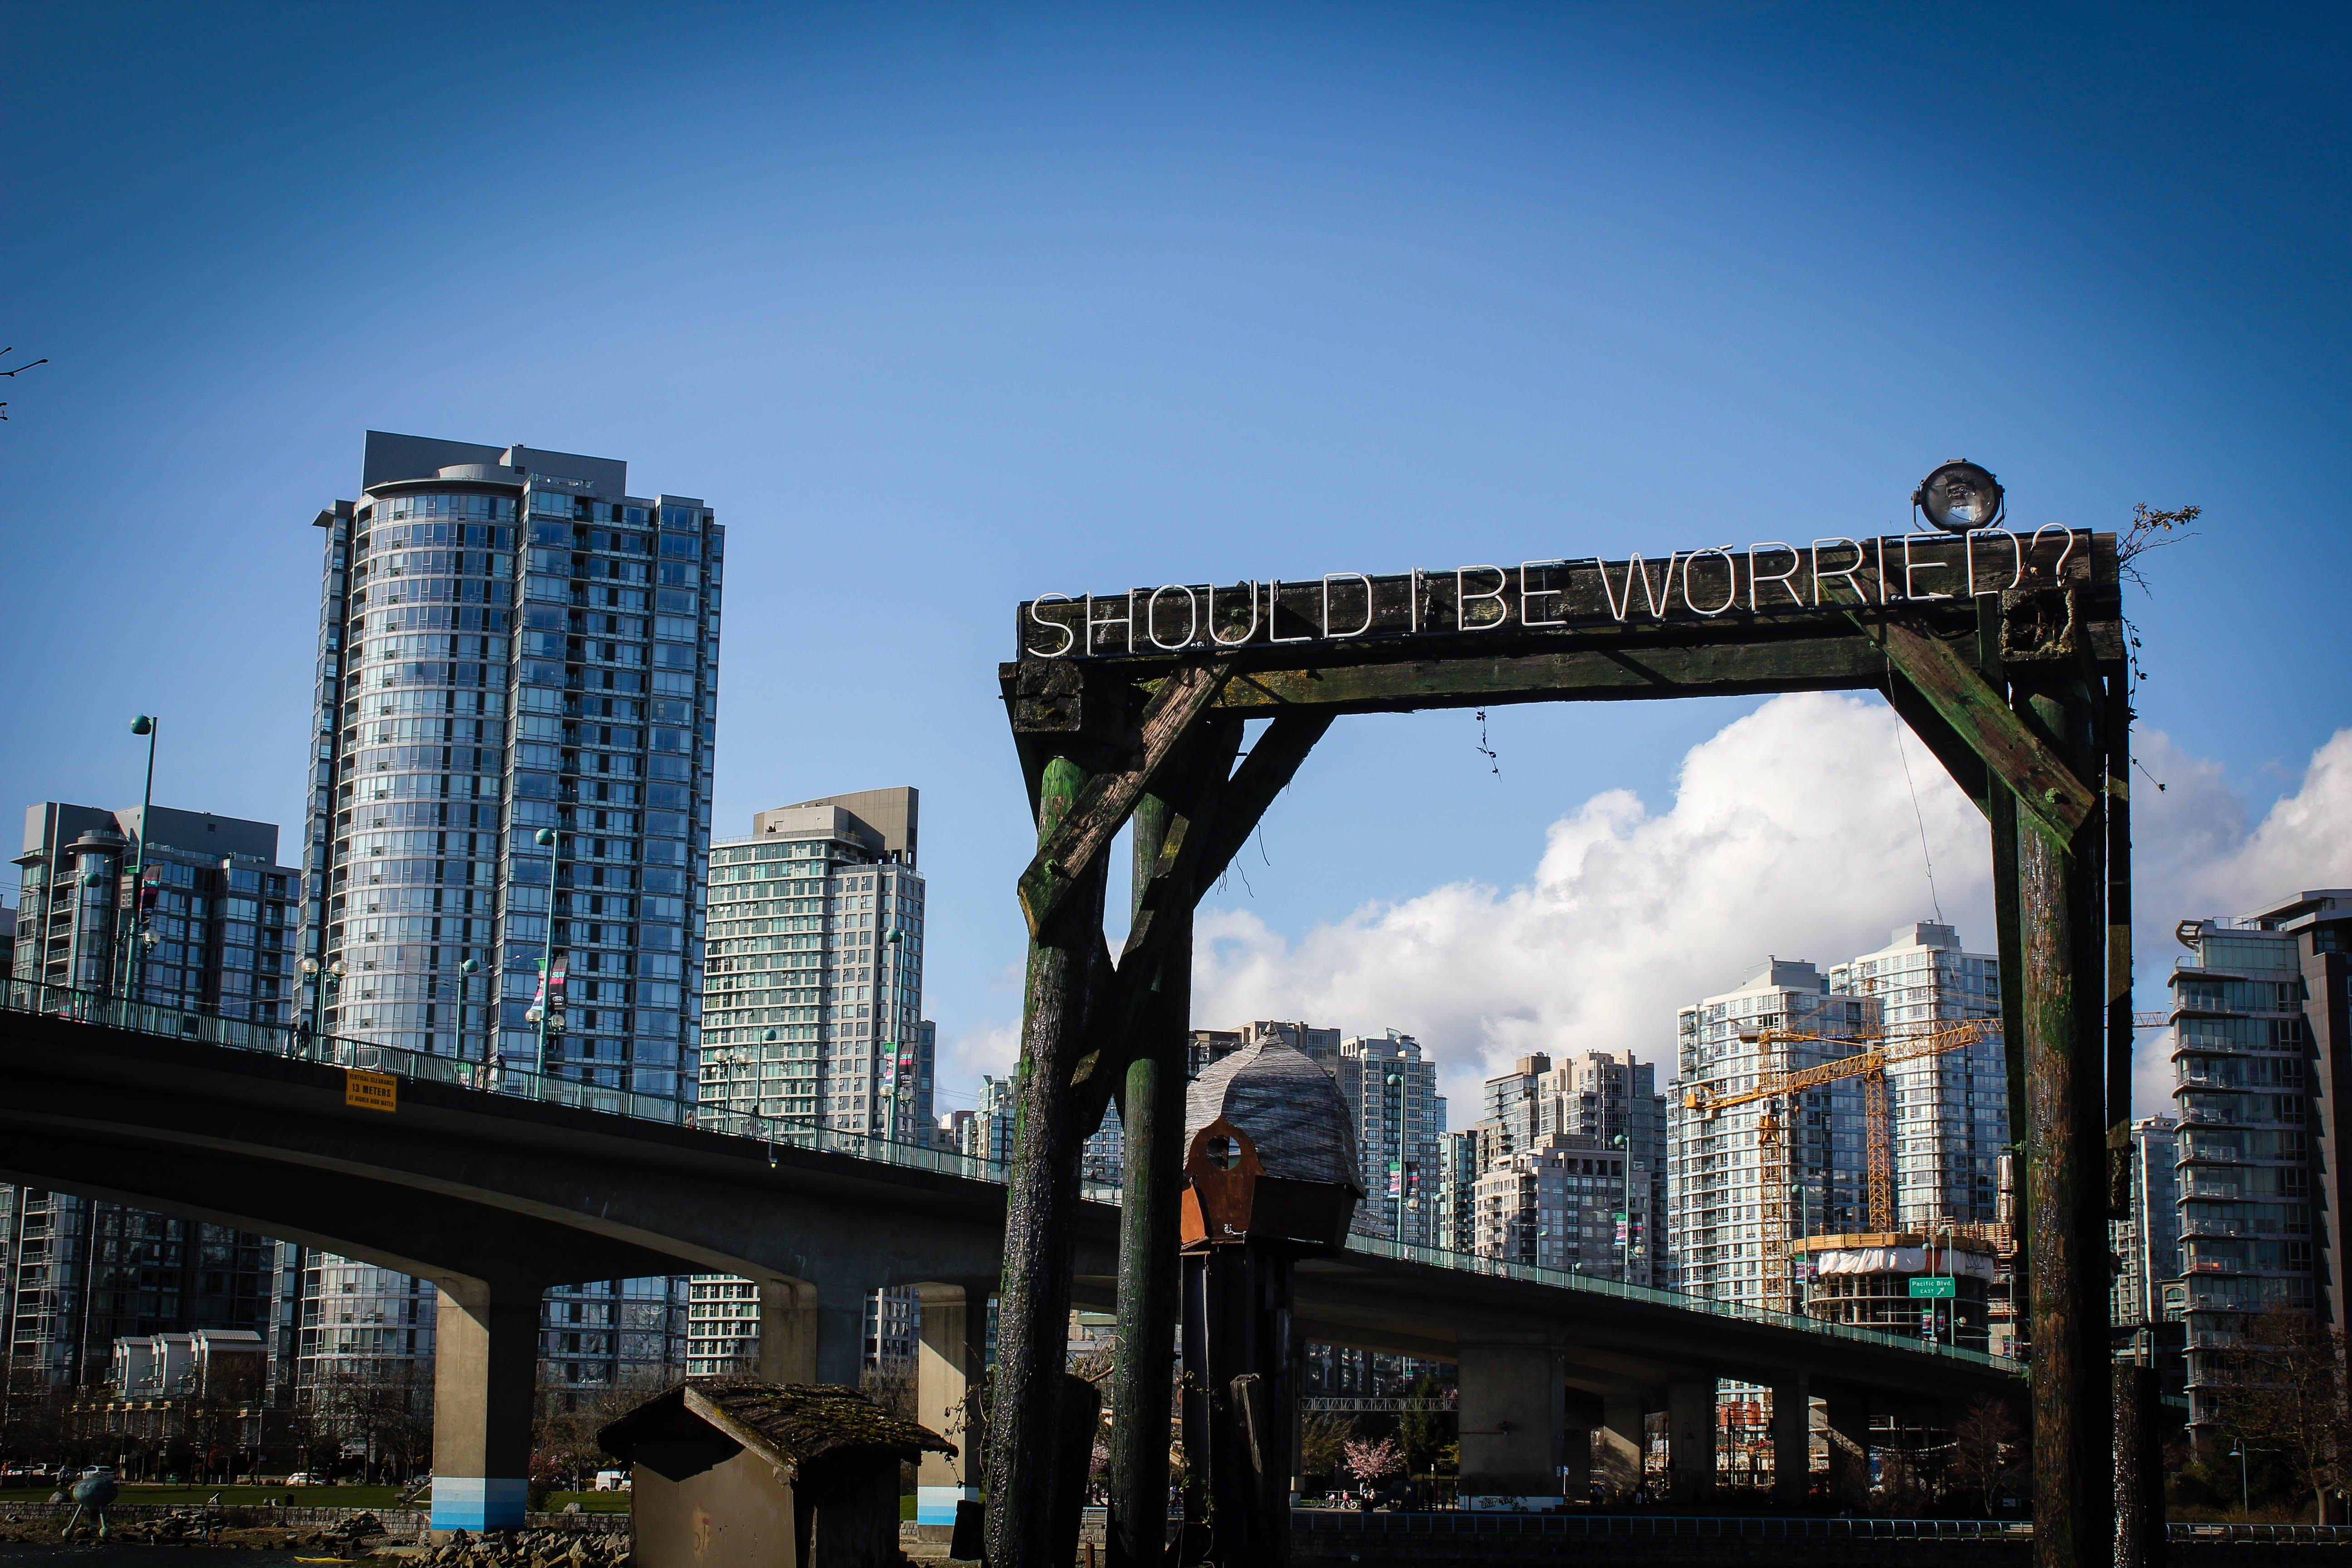 Kostnadsfri bild av arkitektur, blå himmel, bro, byggnader